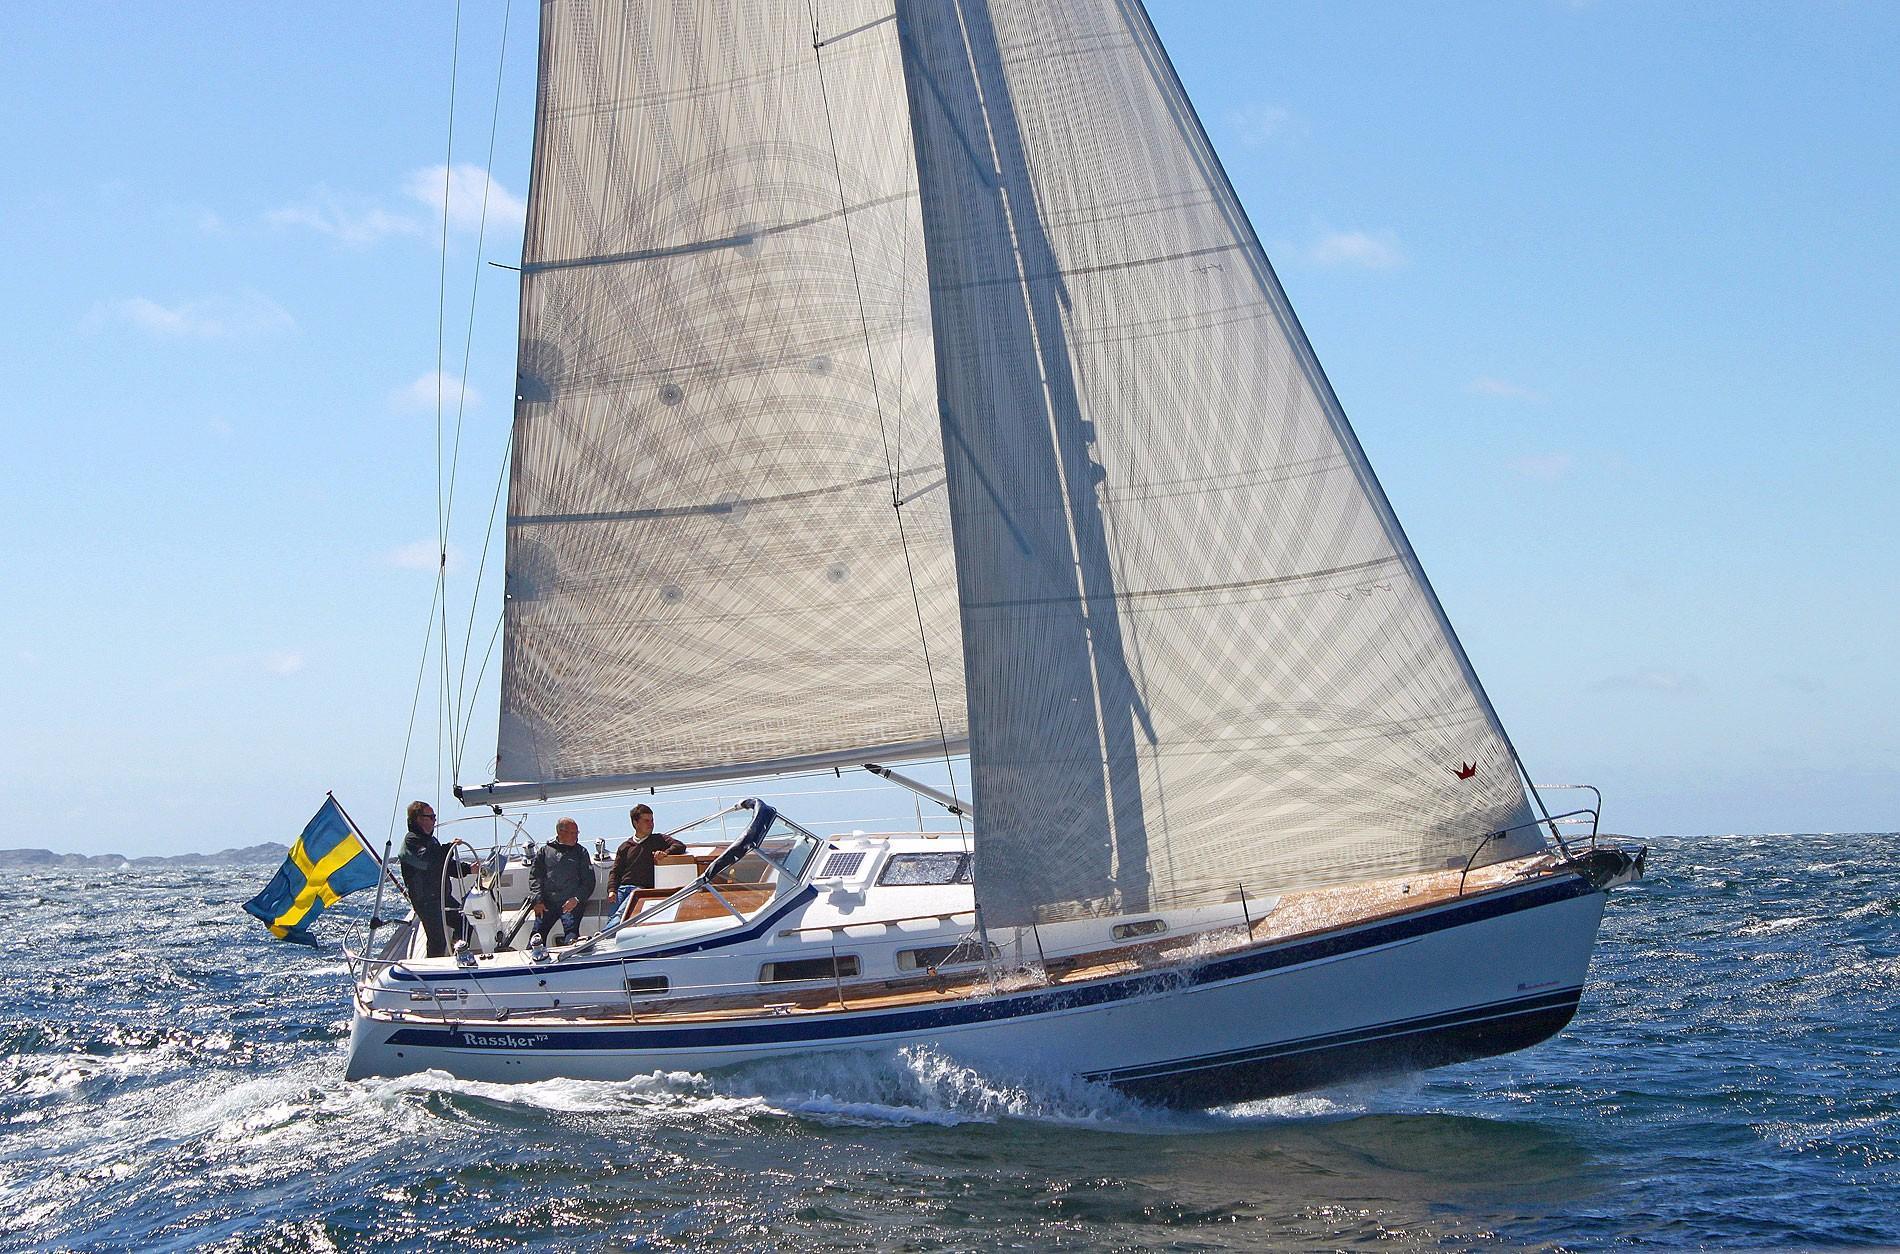 Hallberg-Rassy New Boat Models - Transworld Yachts